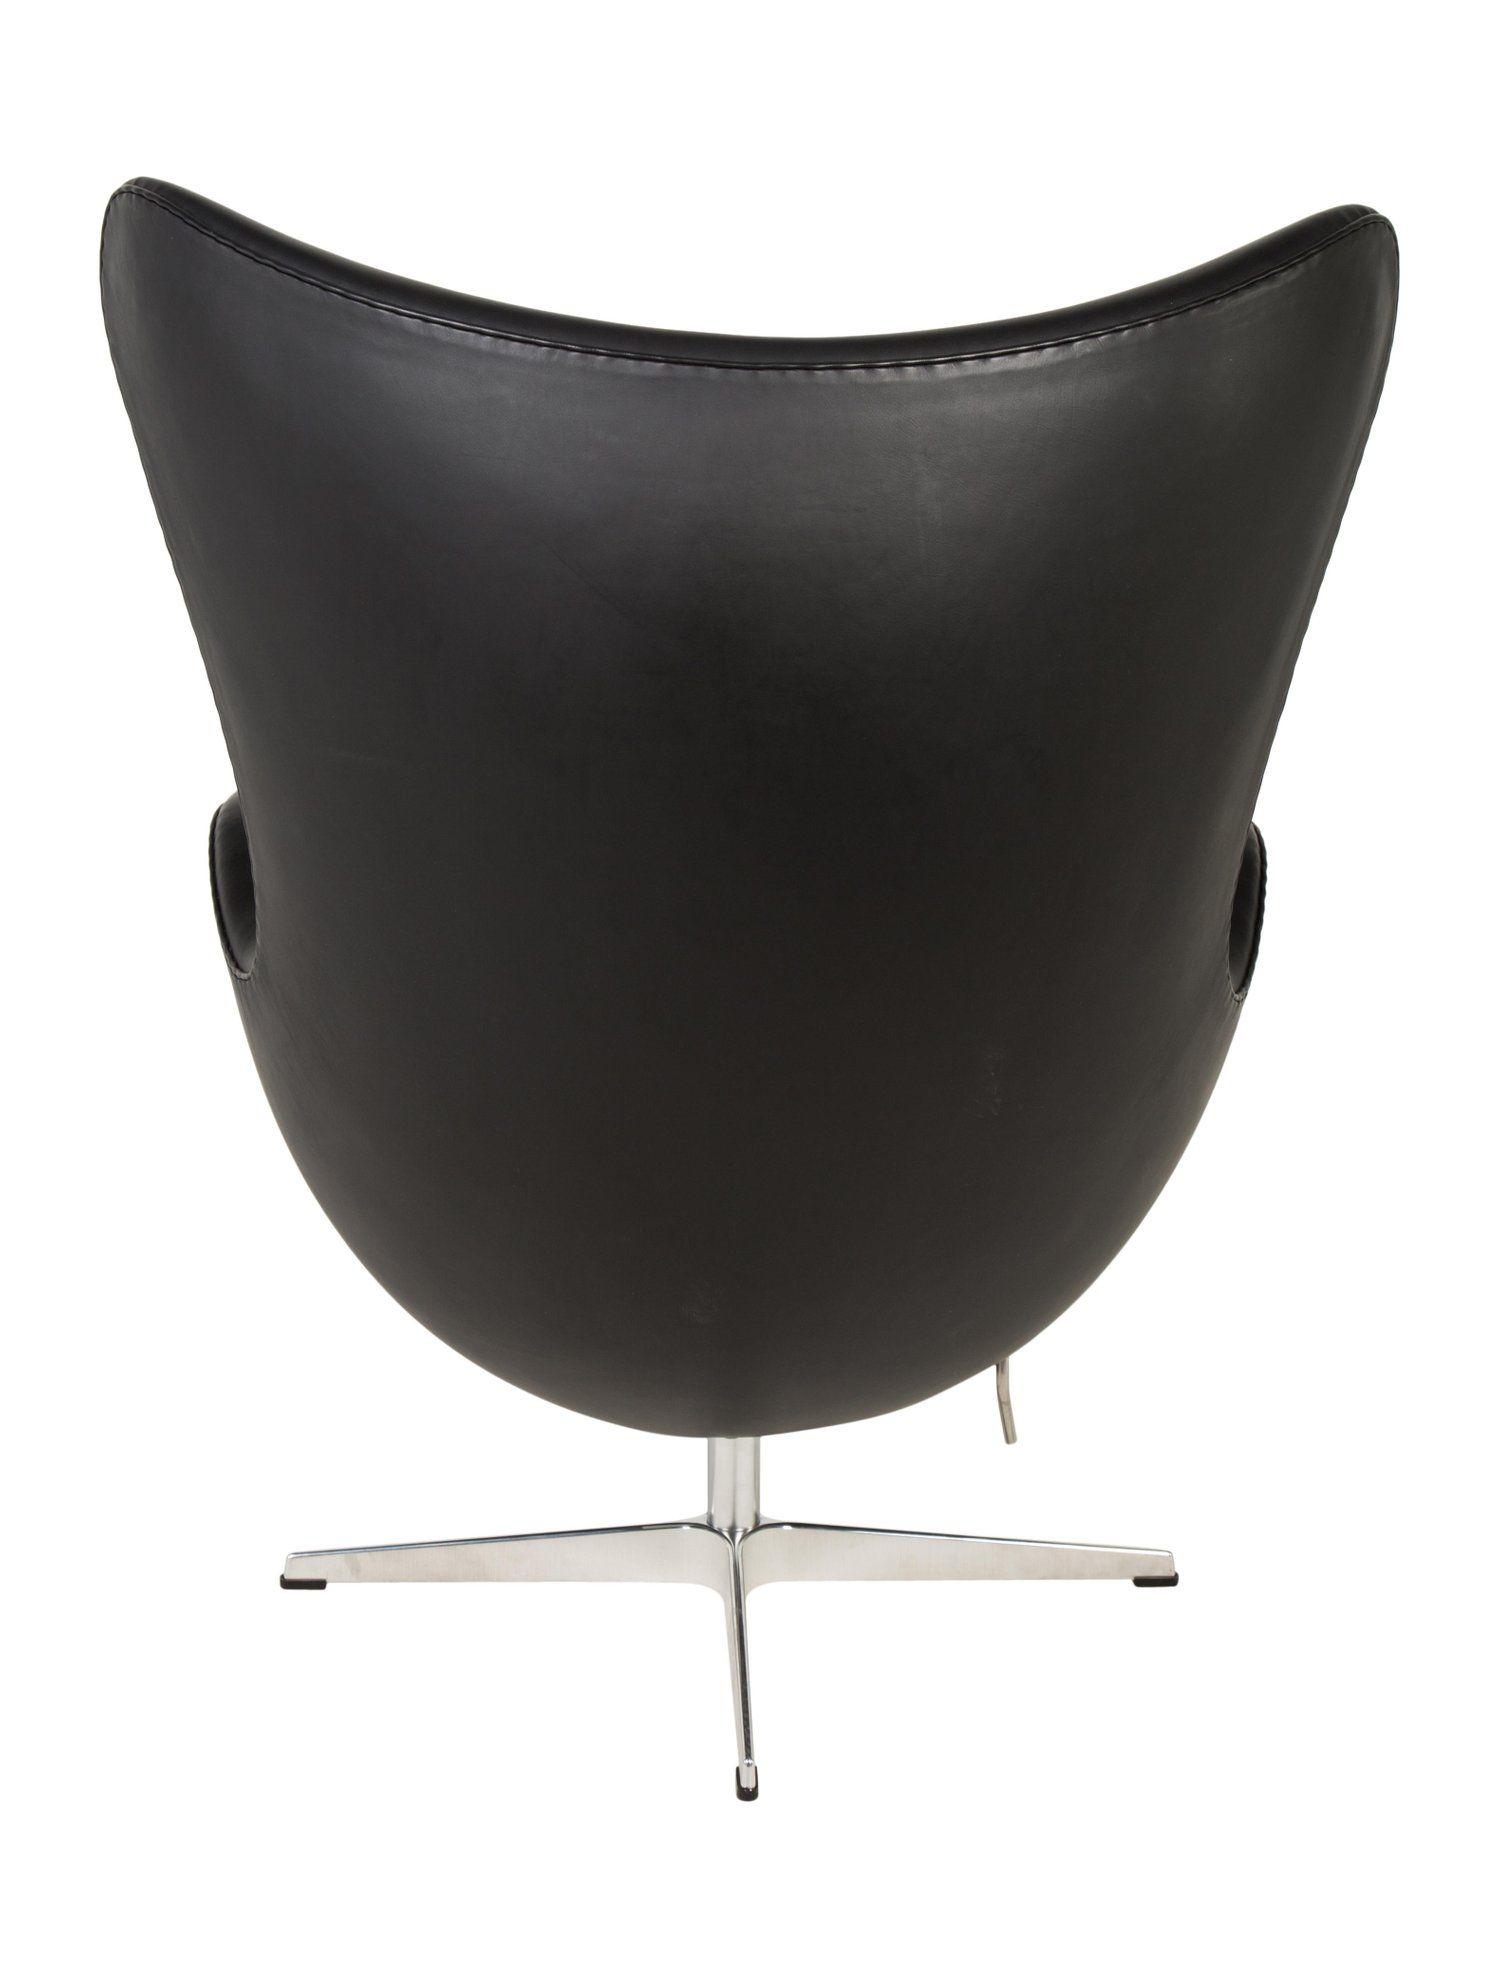 Egg chair egg chair chair ikea chair